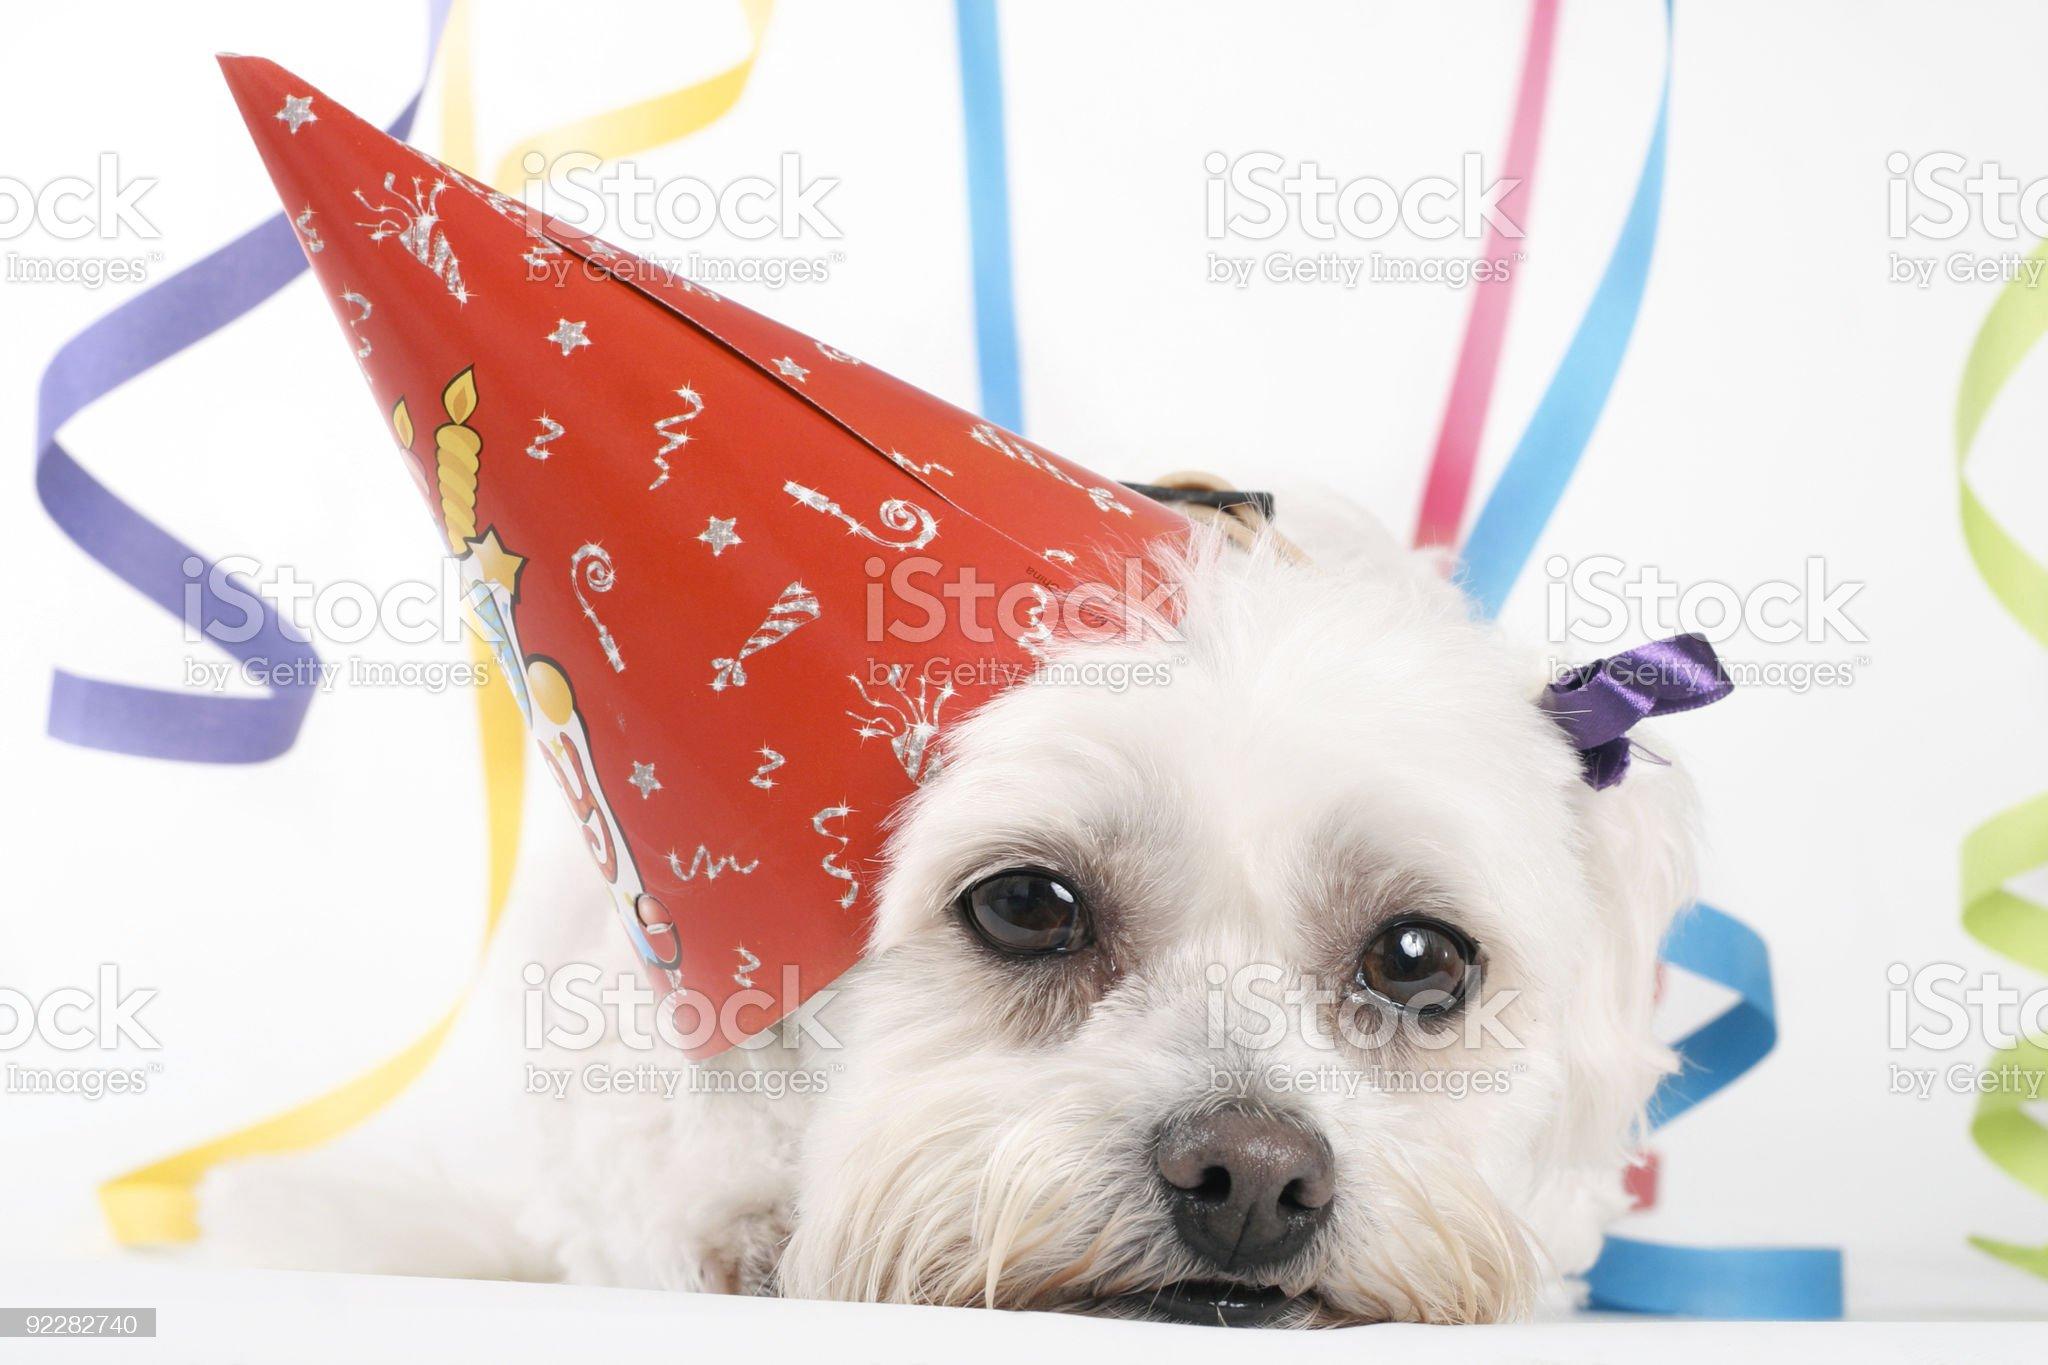 Lovely dog celebrating its birthday royalty-free stock photo